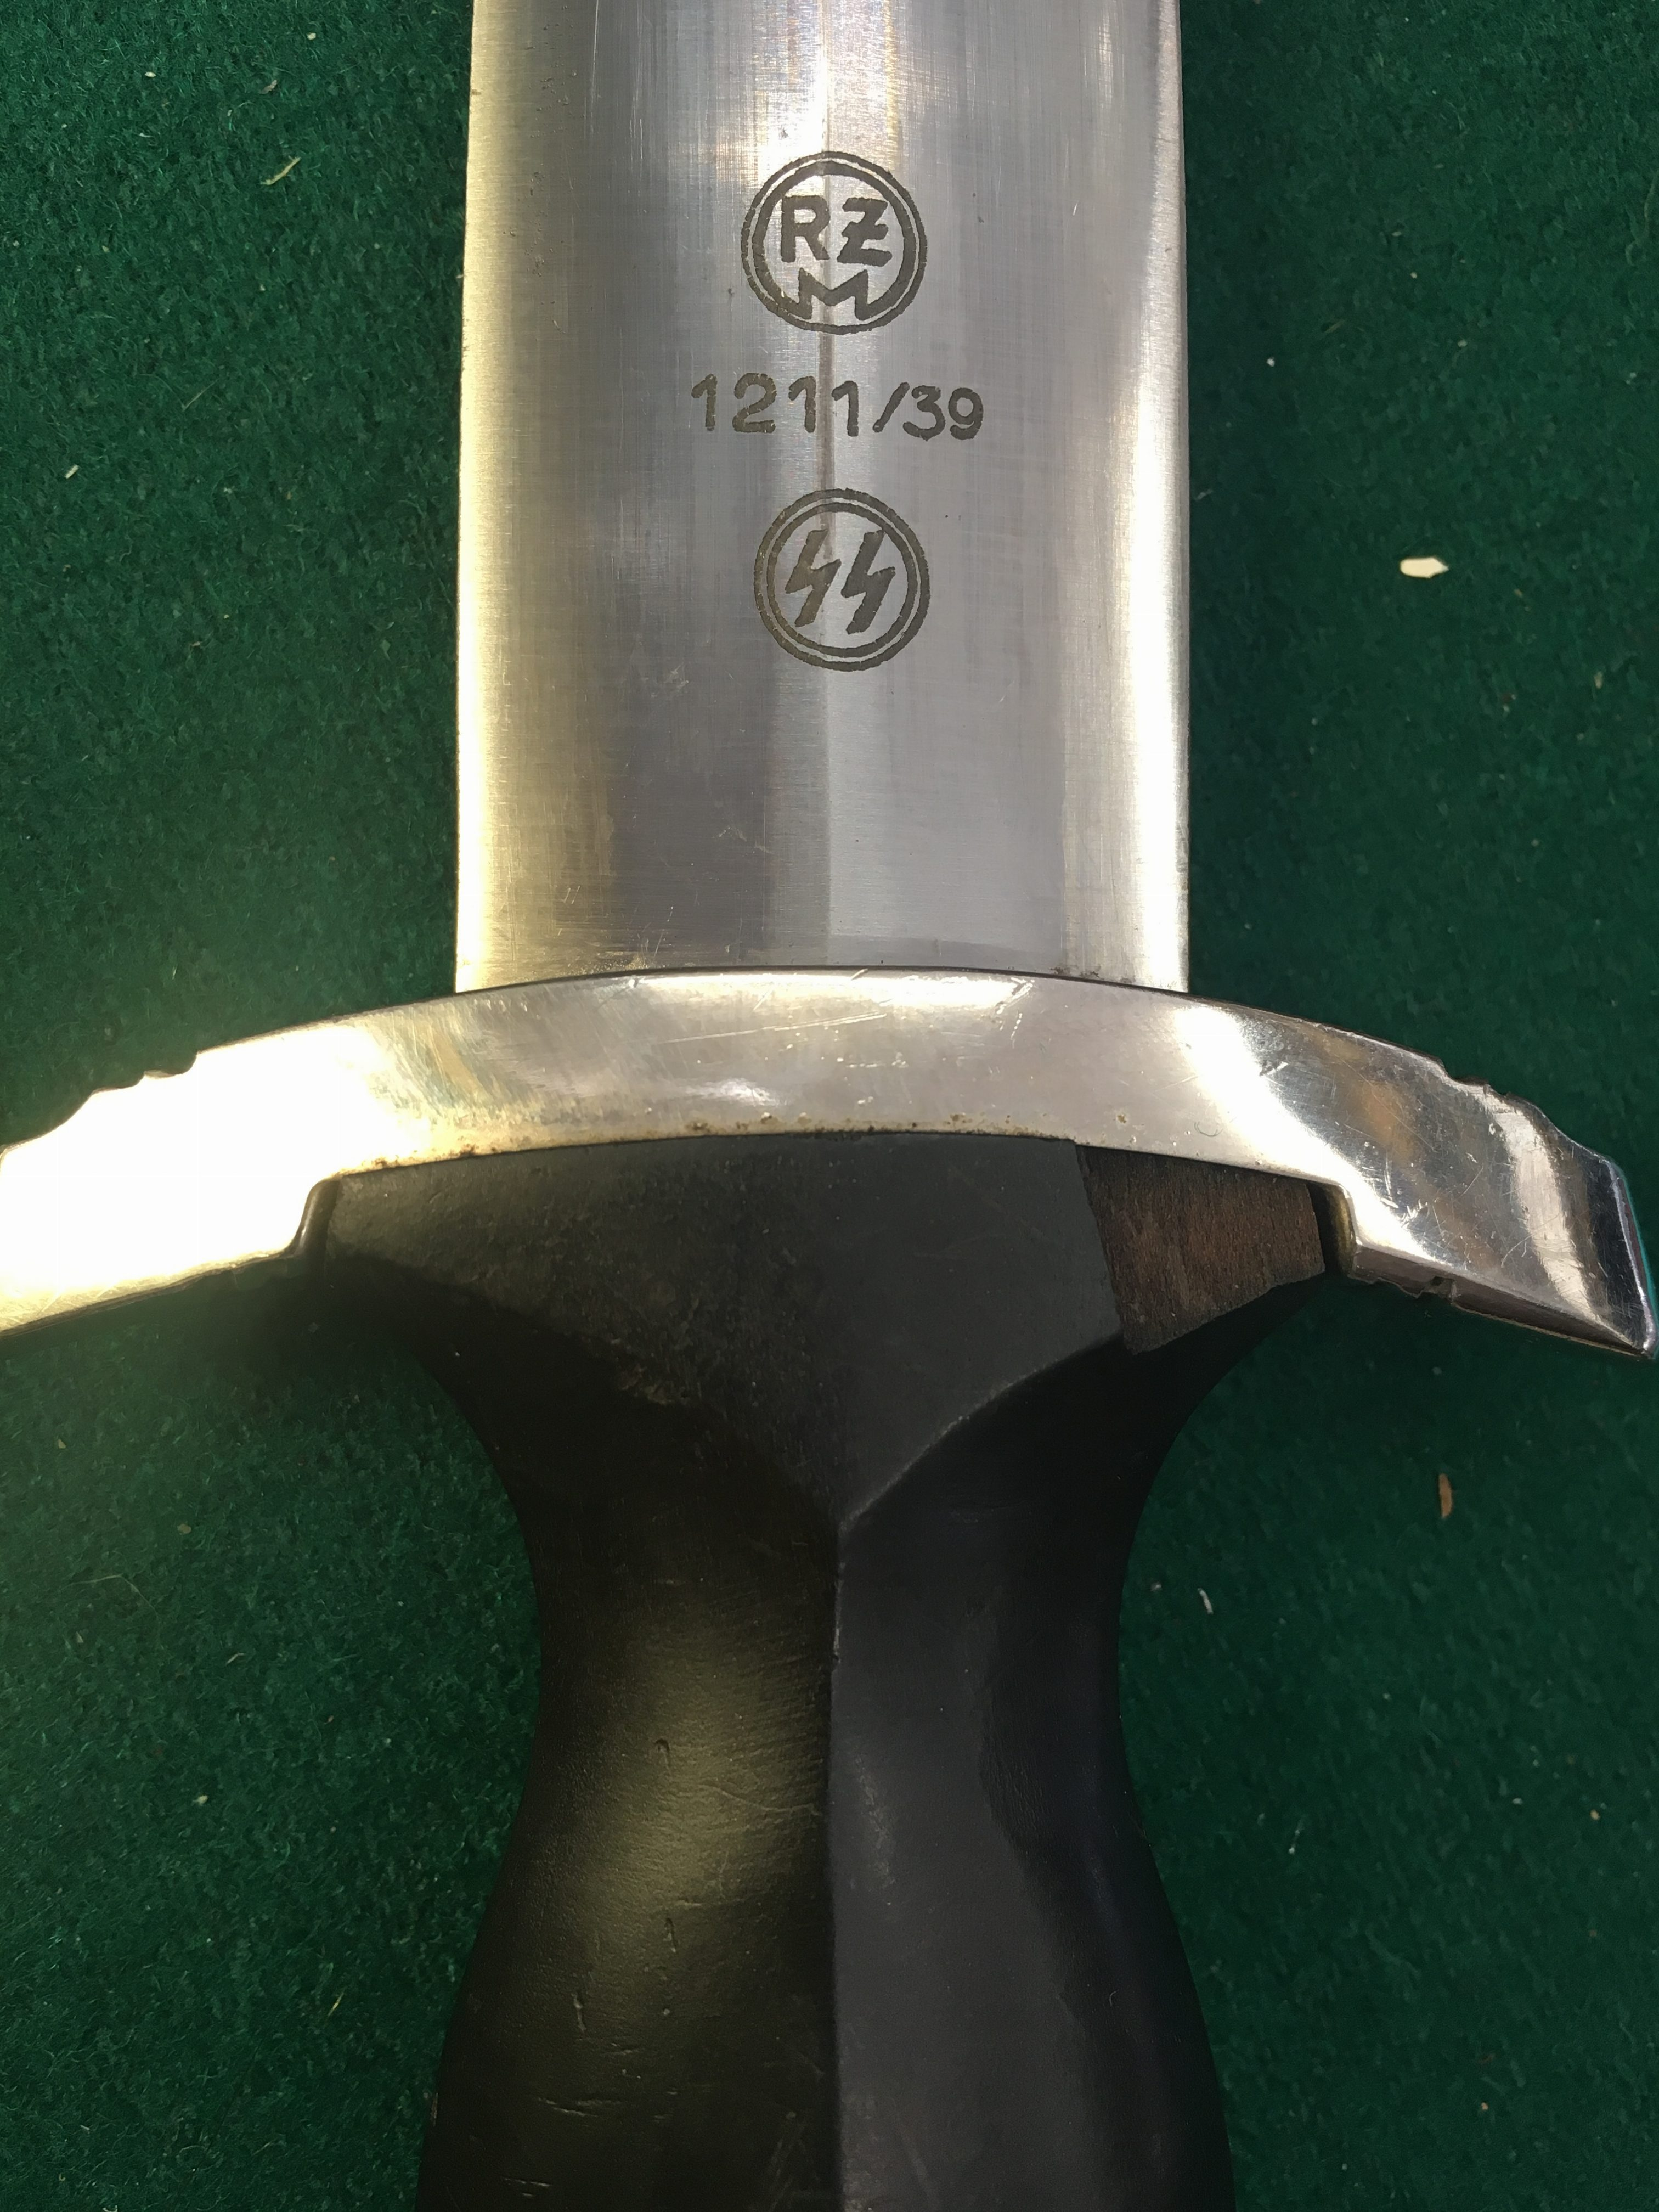 RZM 1211/39 SS Mans Dagger Meine ehre heibst true Dagger